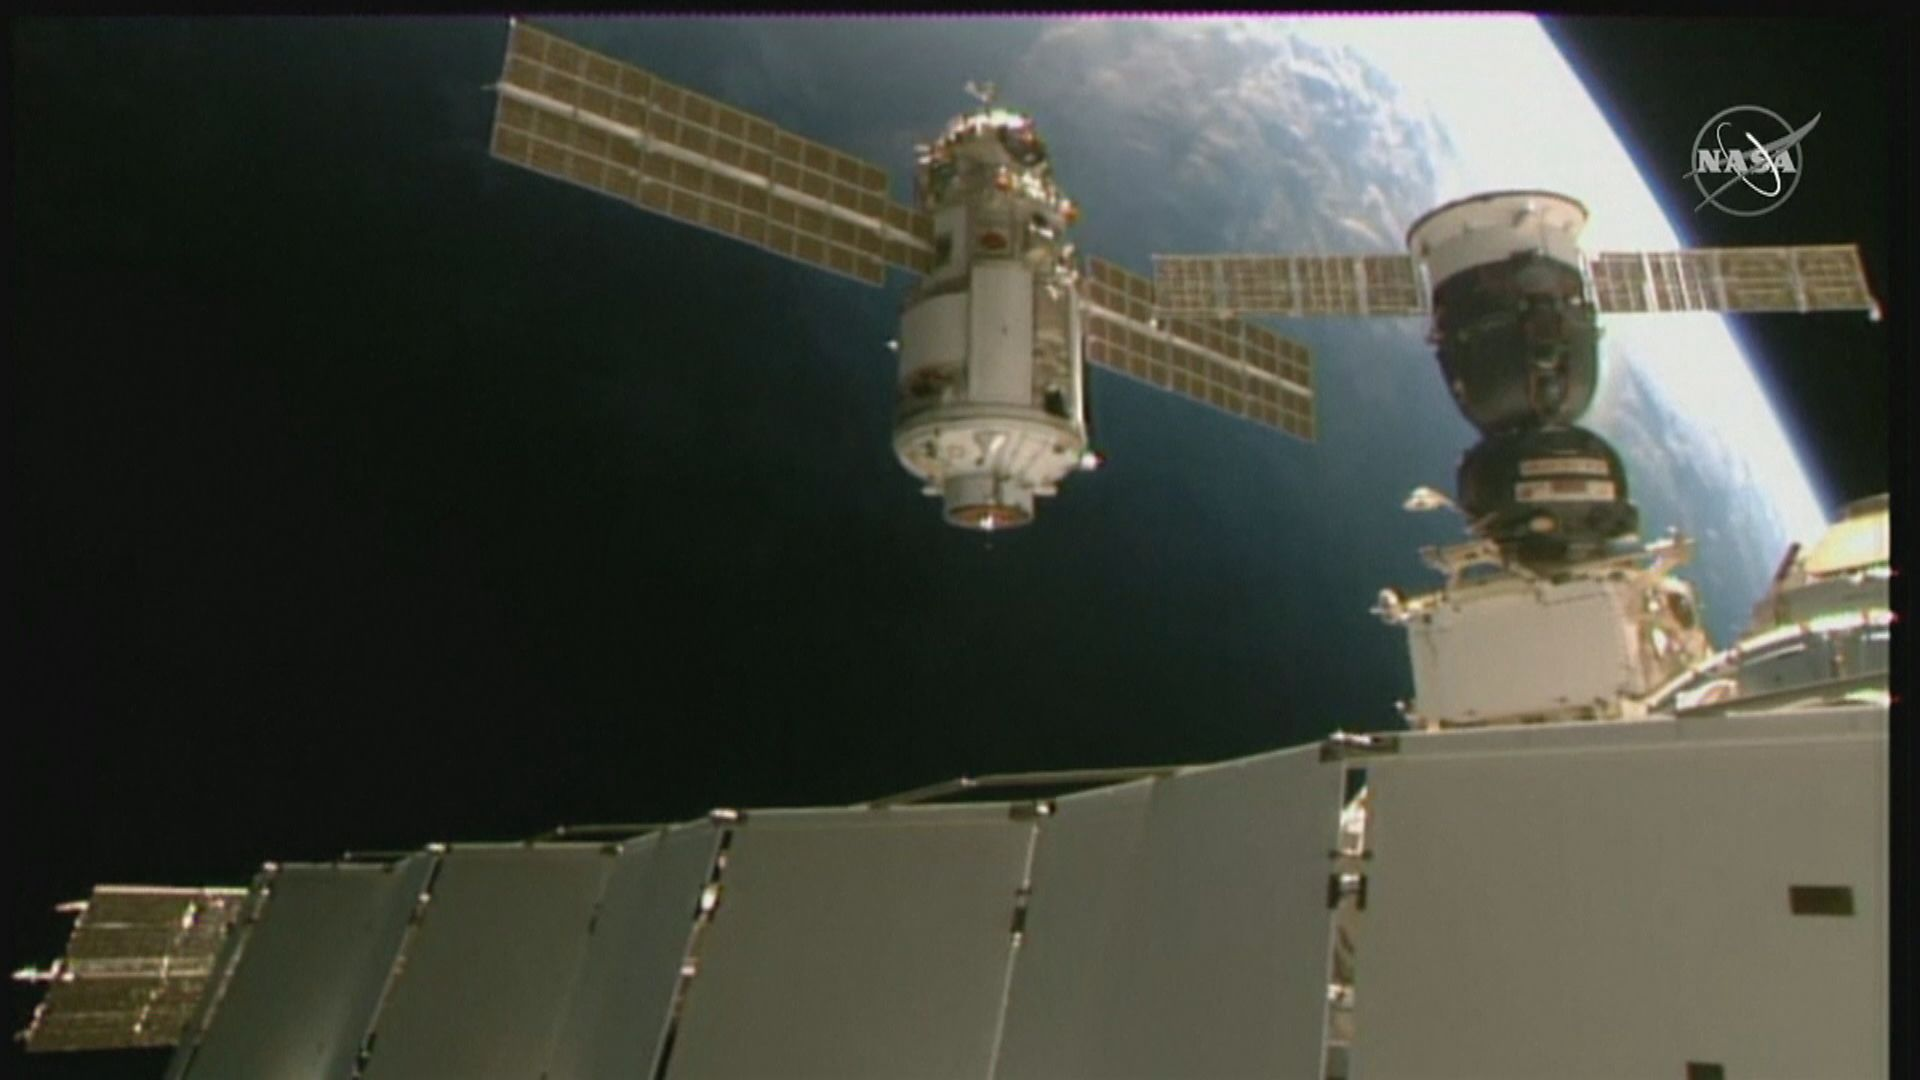 國際太空站移位事件或涉軟件故障及人為疏忽